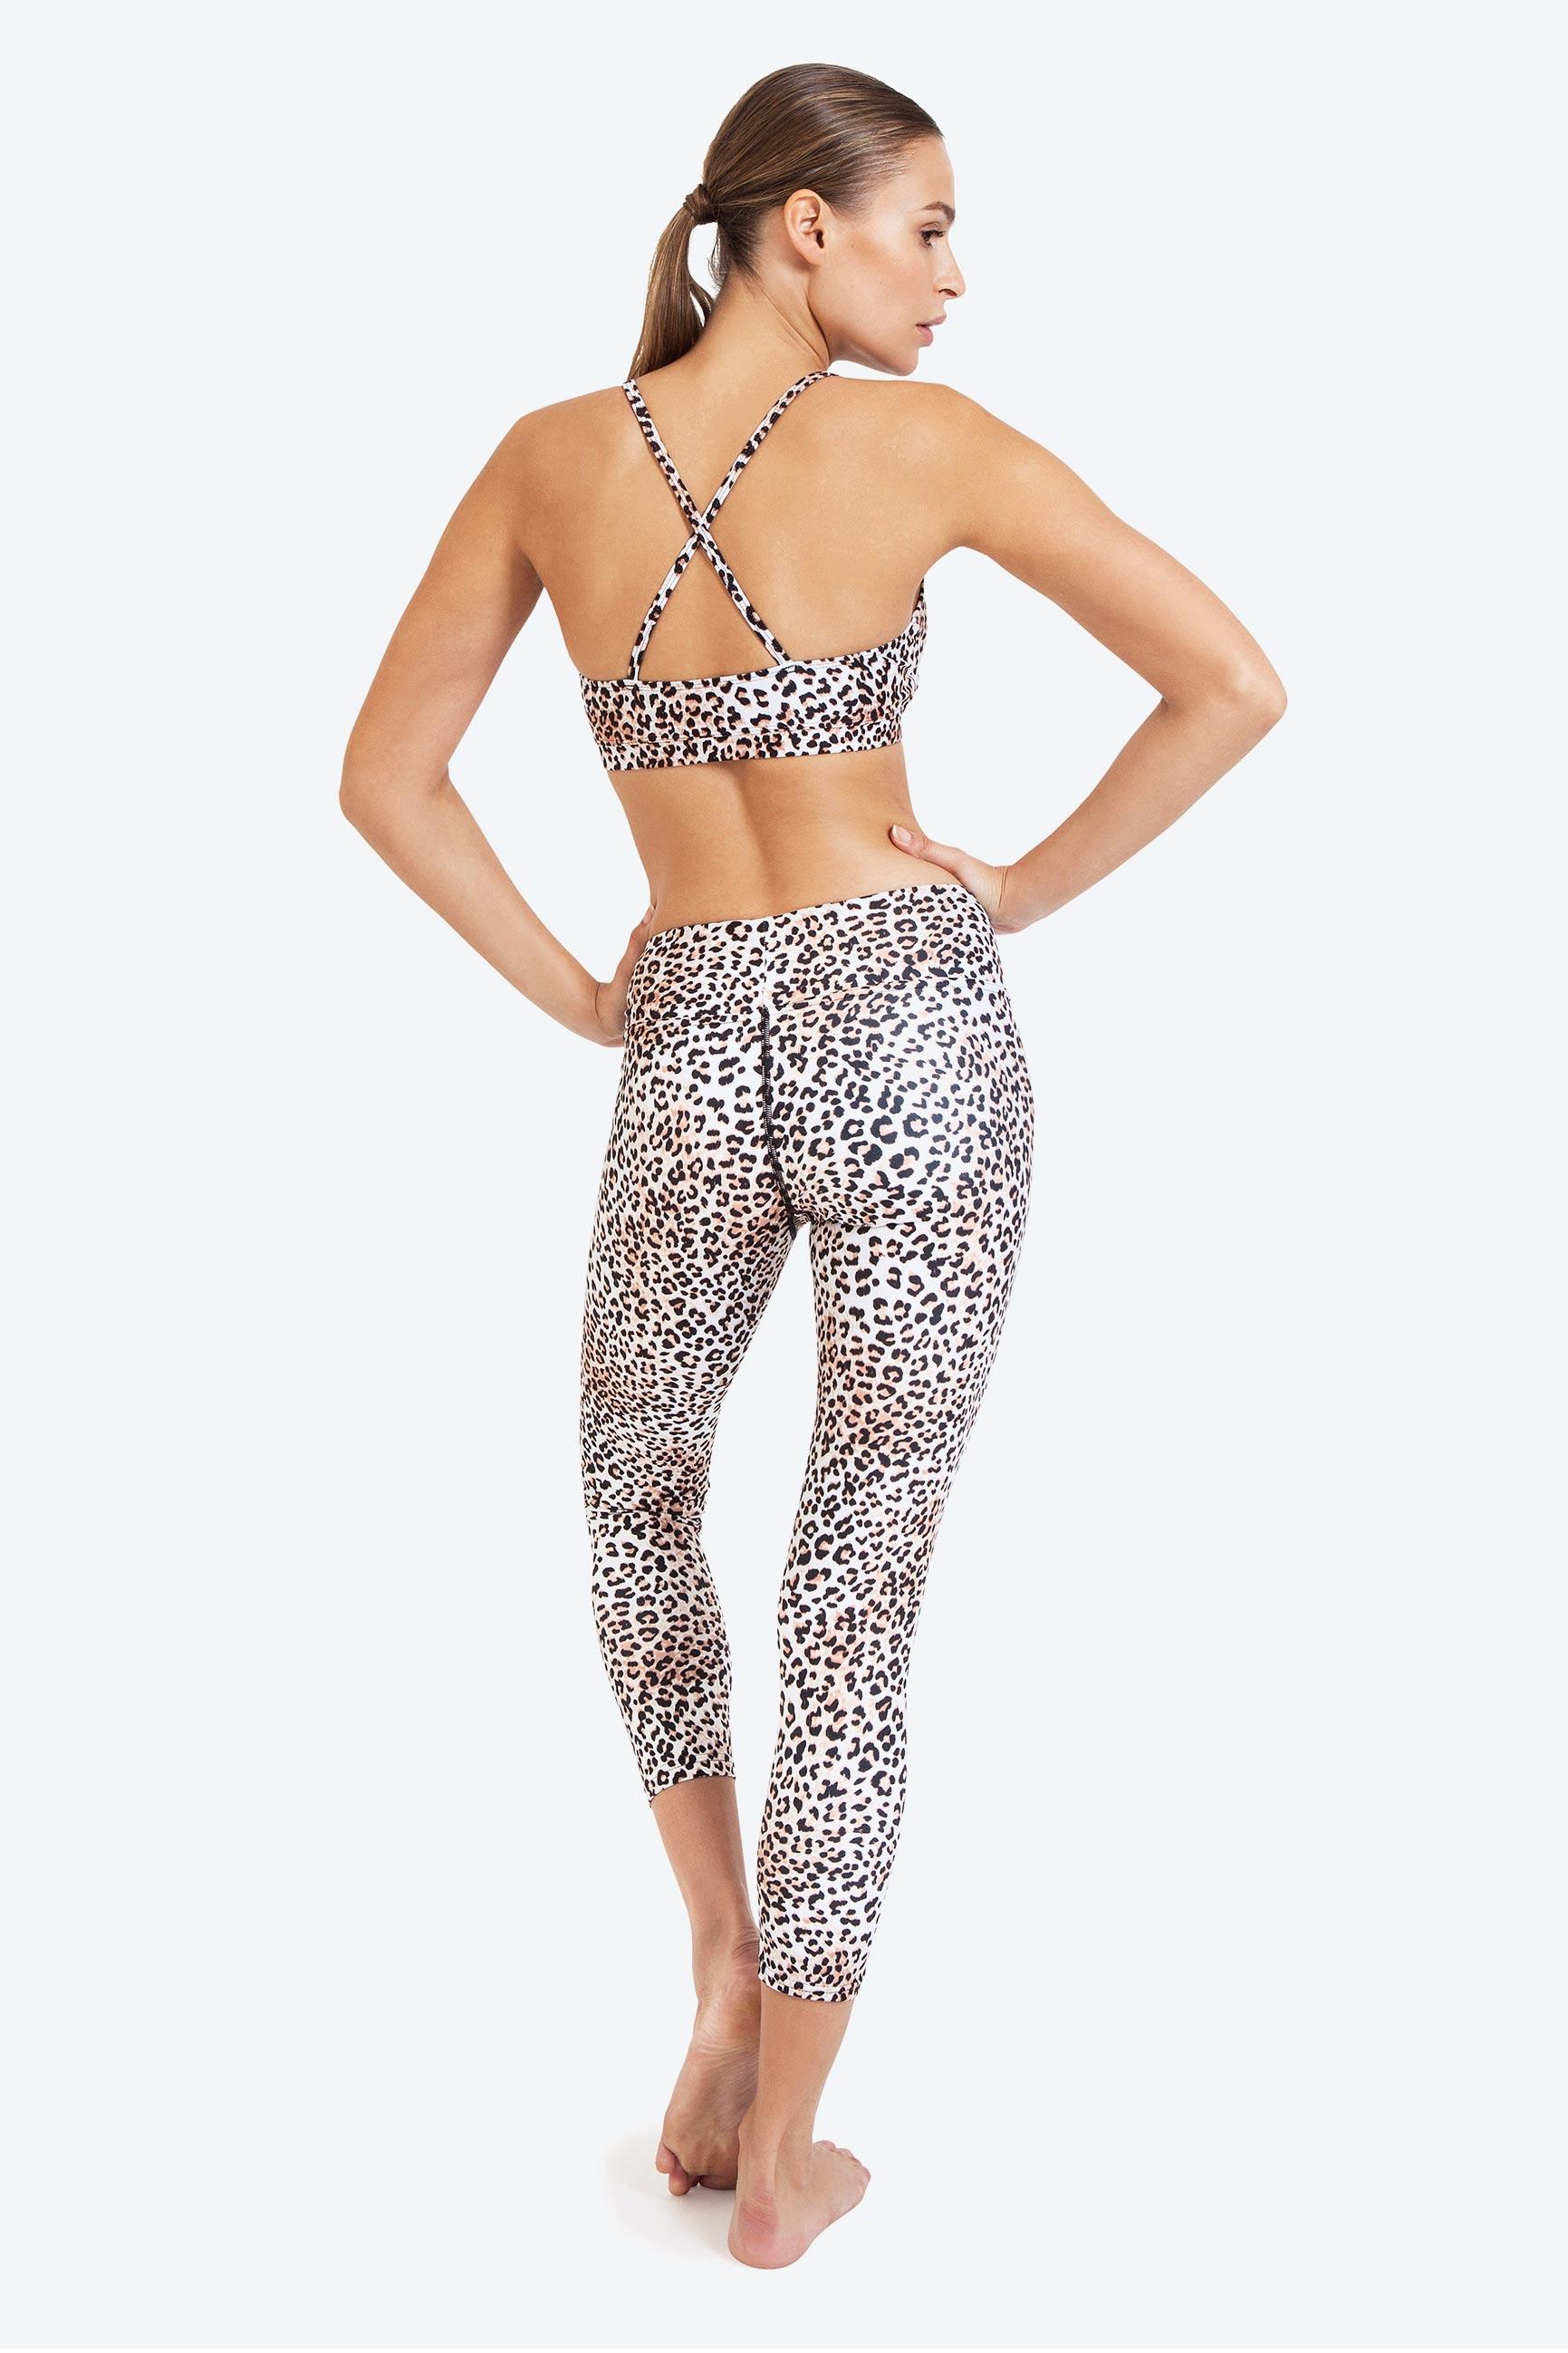 dharma_bums_wild_thing_midi_yoga_leggings